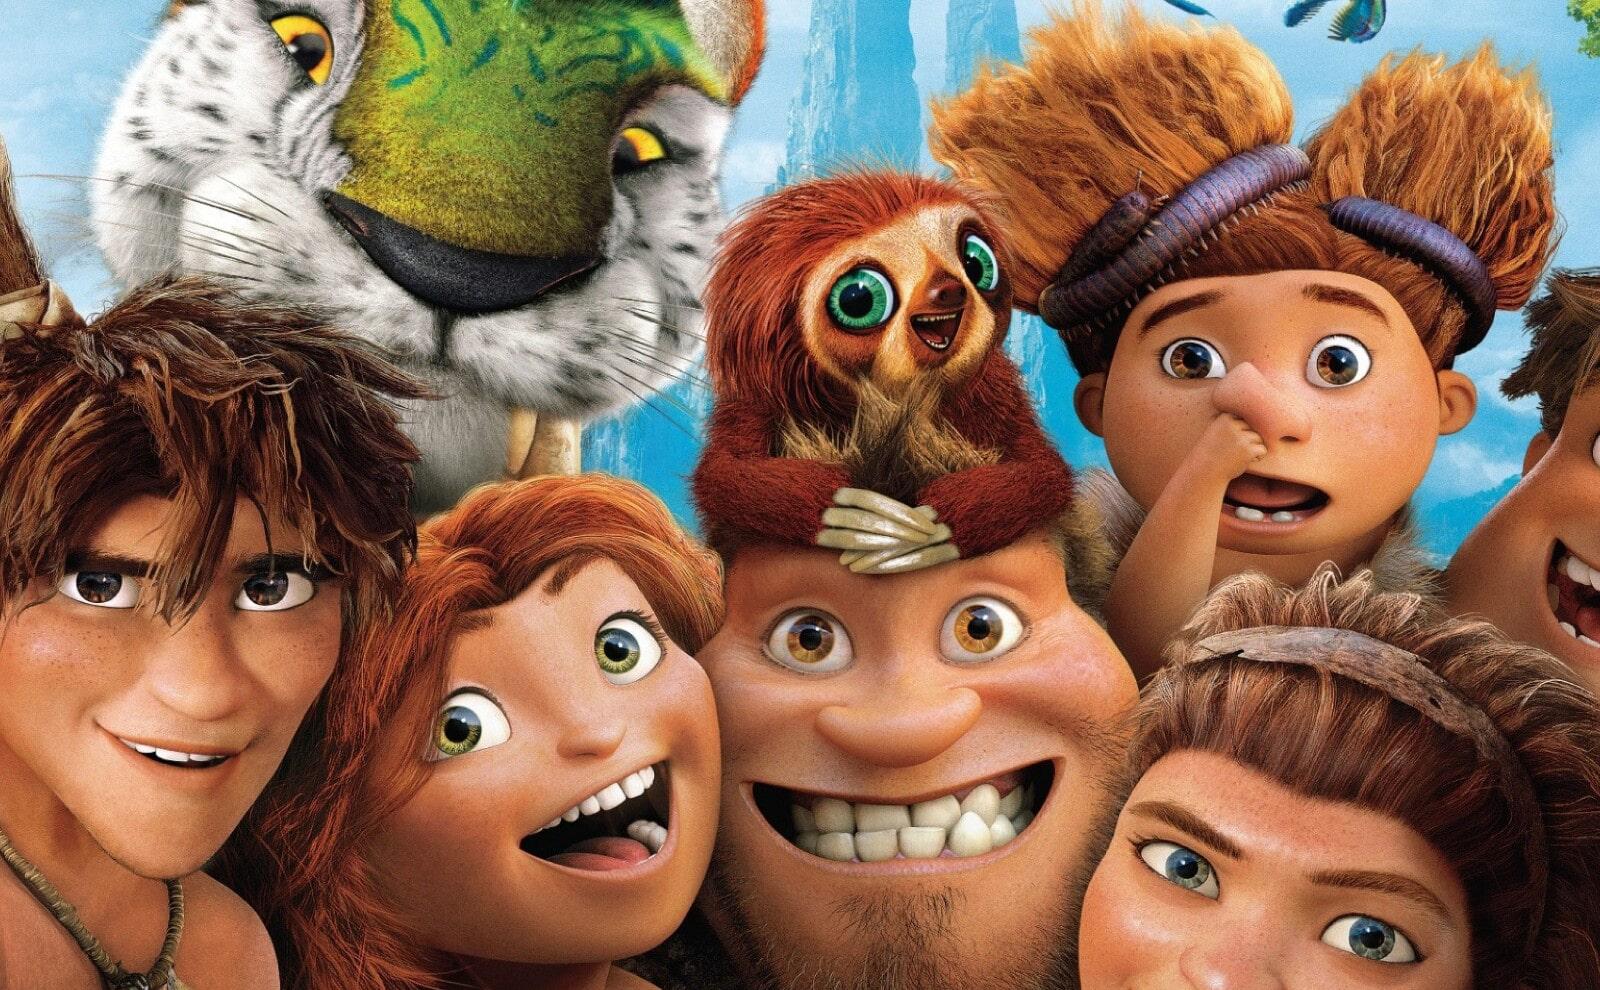 """Jaskiniowcy ruszają na podbój świata – recenzja animacji """"Krudowie 2: Nowa era"""""""